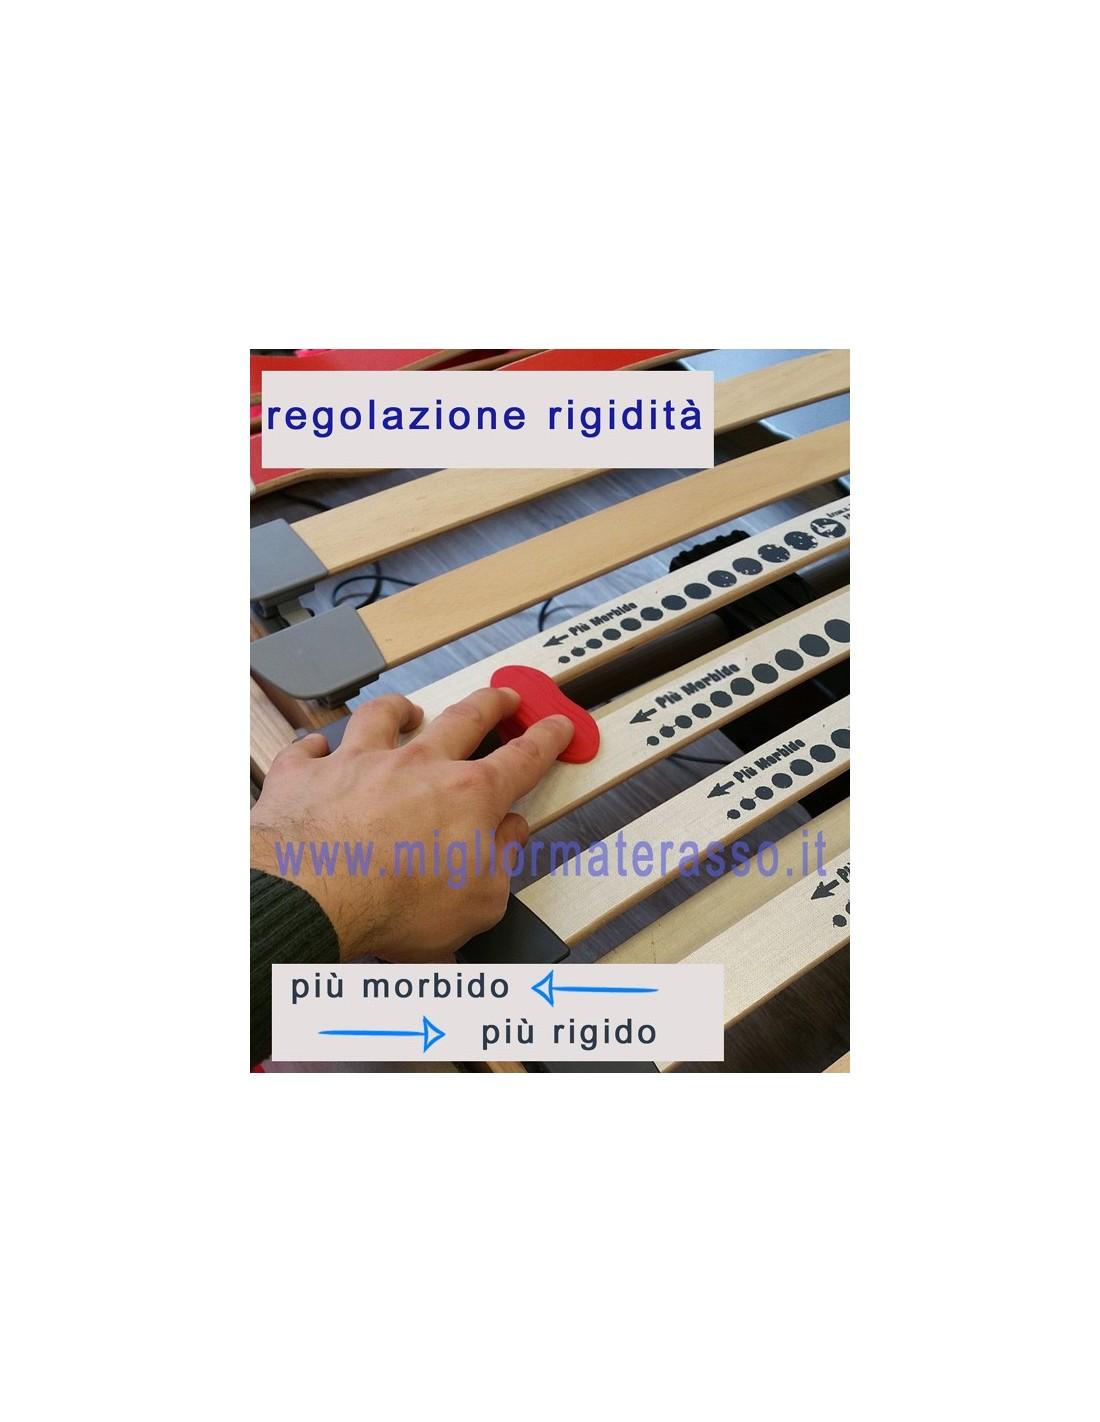 Materasso Memory 4500 Matrimoniale.Rete Elettrica Singola Matrimoniale Alza Piedi Alzatesta In Legno